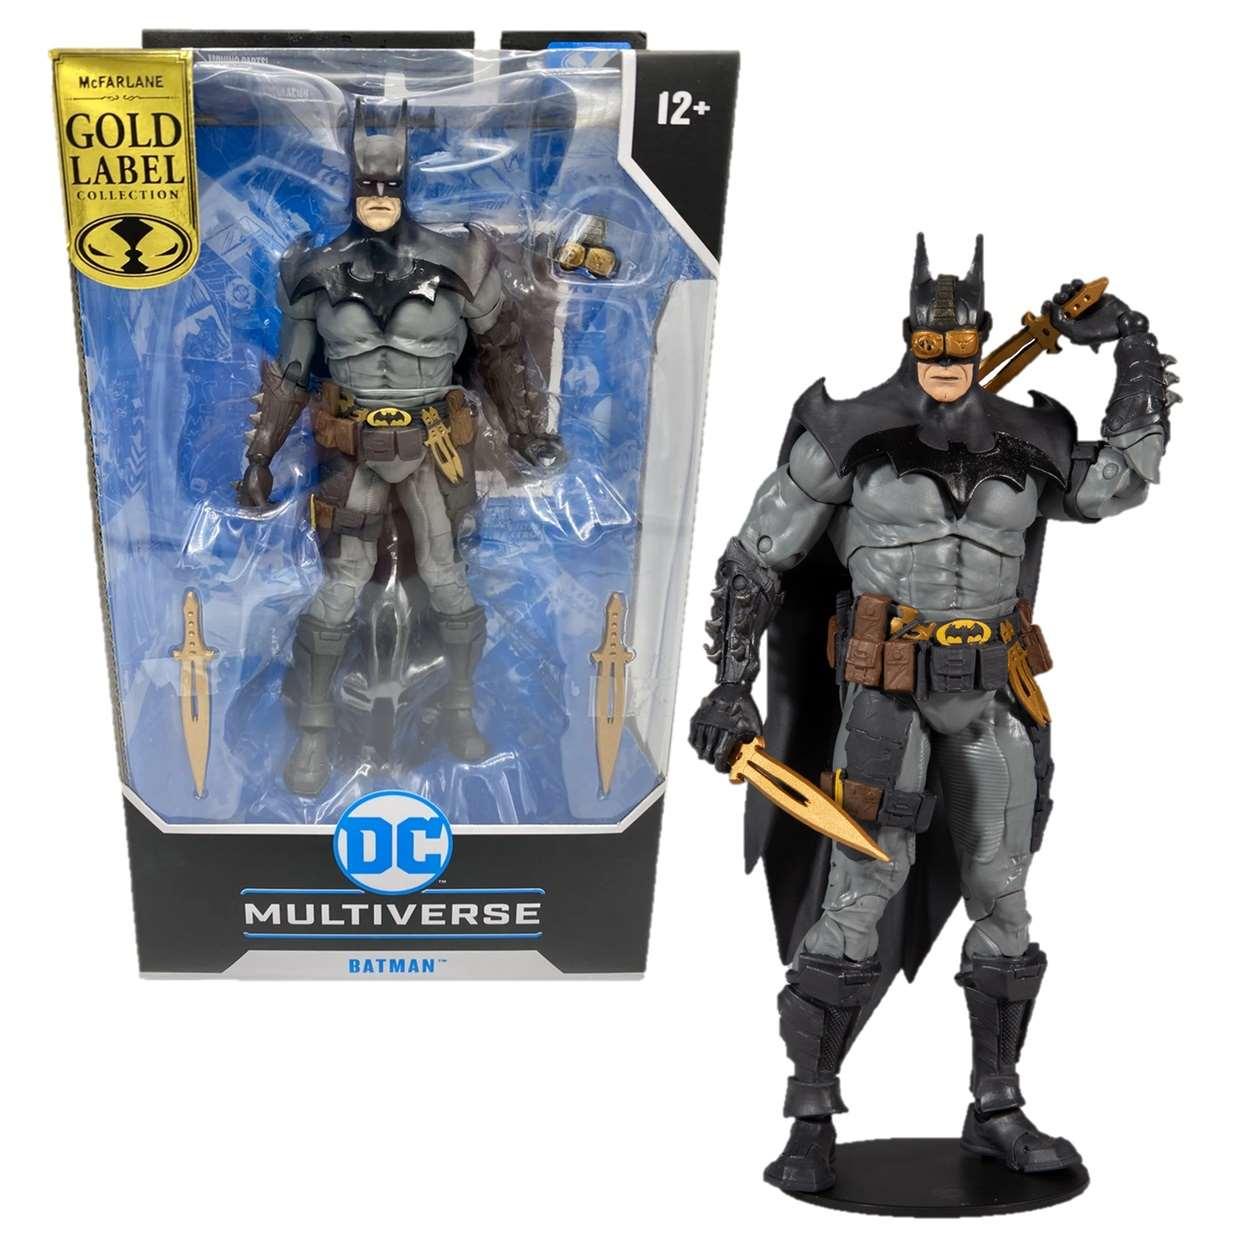 Batman Designed By Todd Gold Label Multiverse Mc Farlane